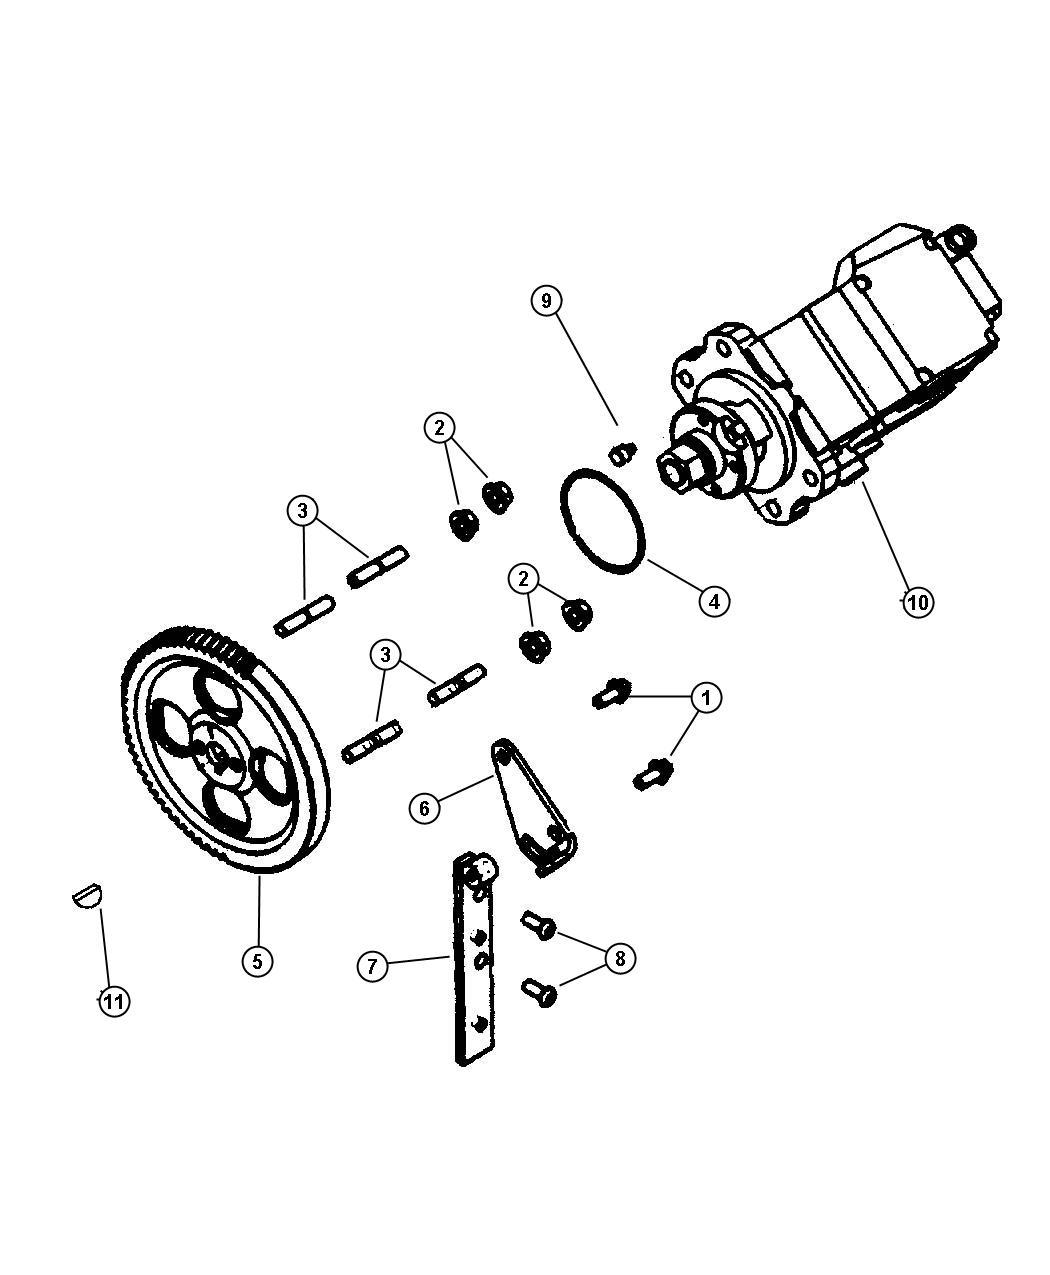 2001 Dodge Ram 1500 Pump. Fuel injection. Diesel, cummins